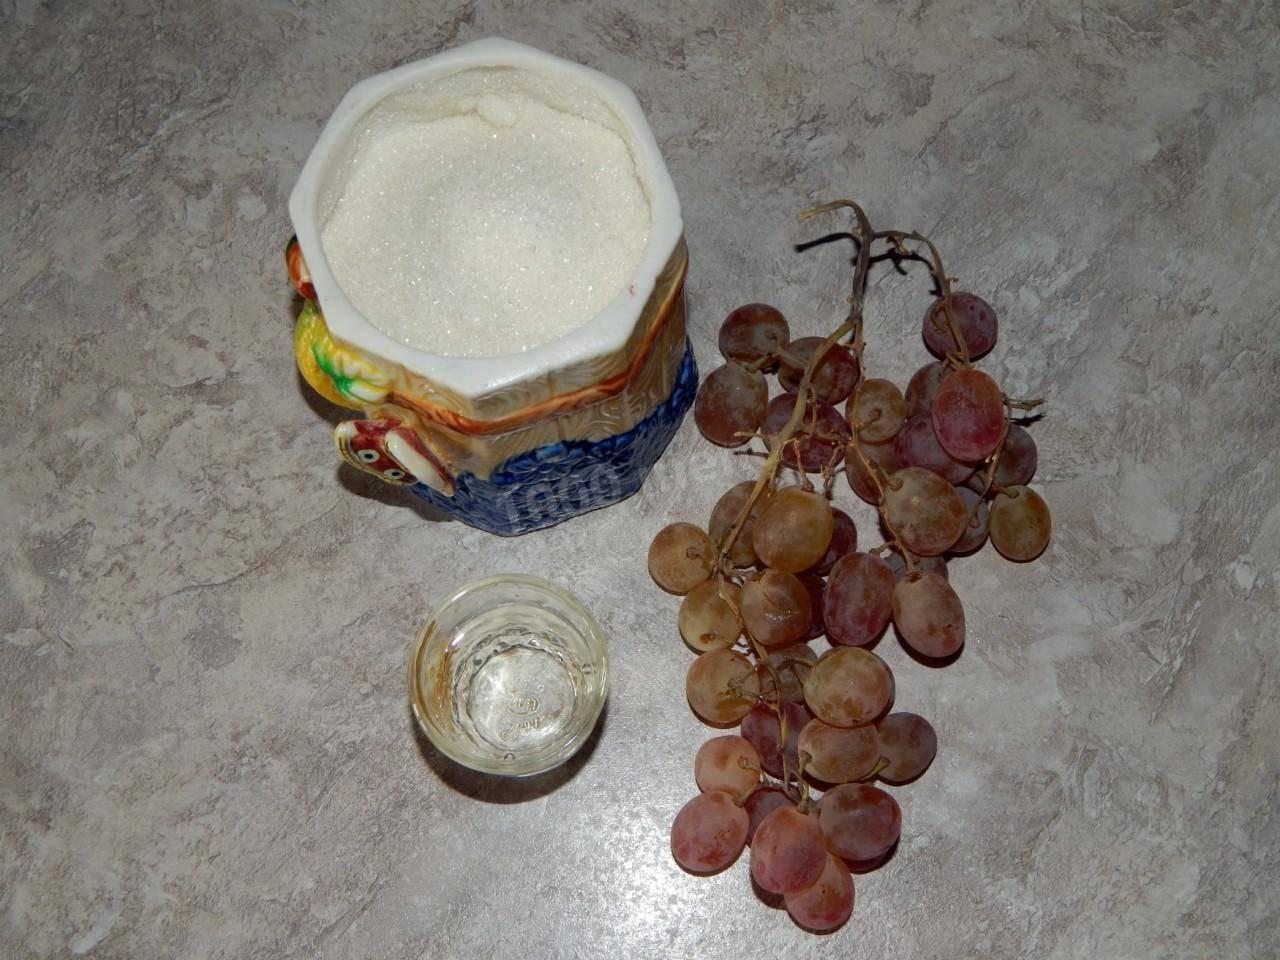 Наливка из винограда: как сделать в домашних условиях